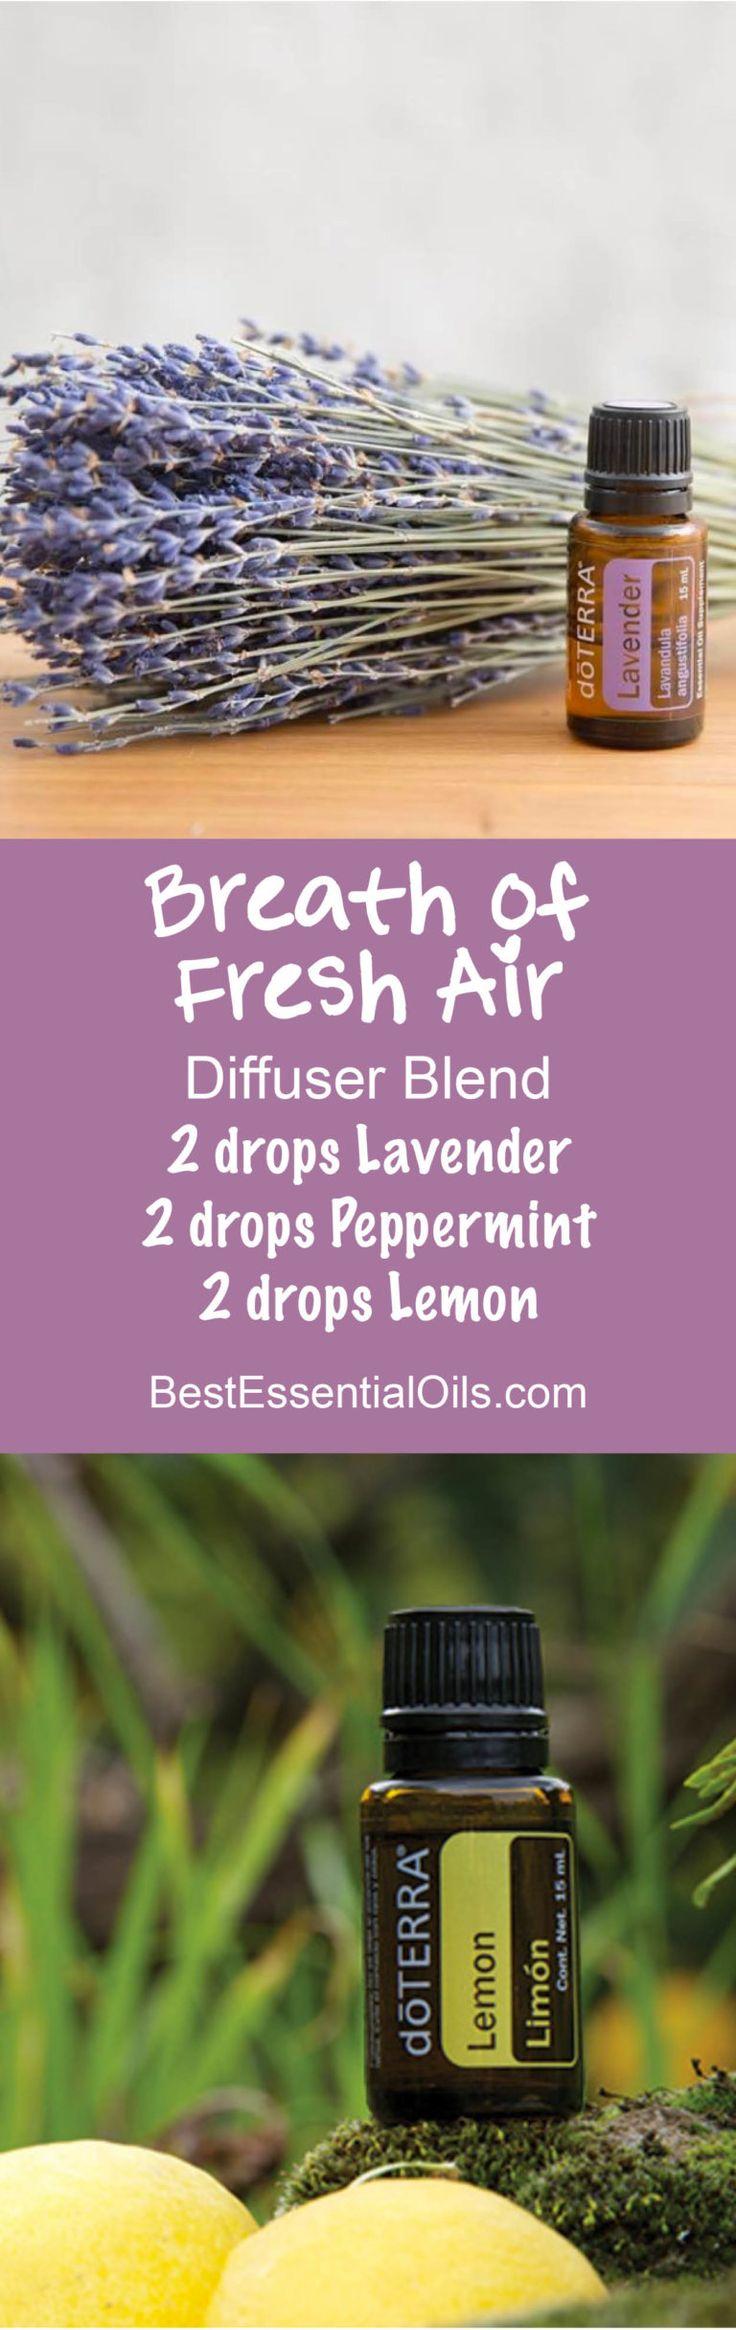 Breath of Fresh Air doTERRA Diffuser Blend